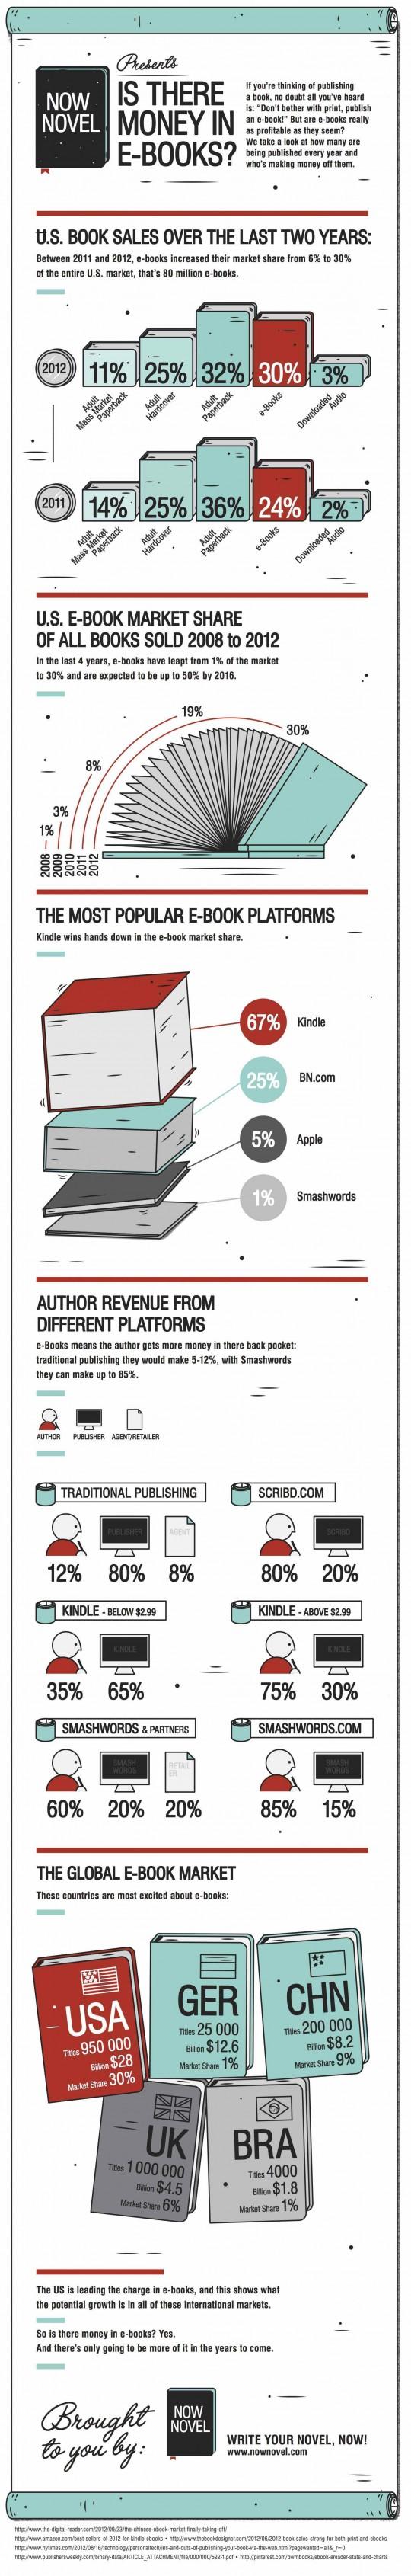 La economía del libro electrónico